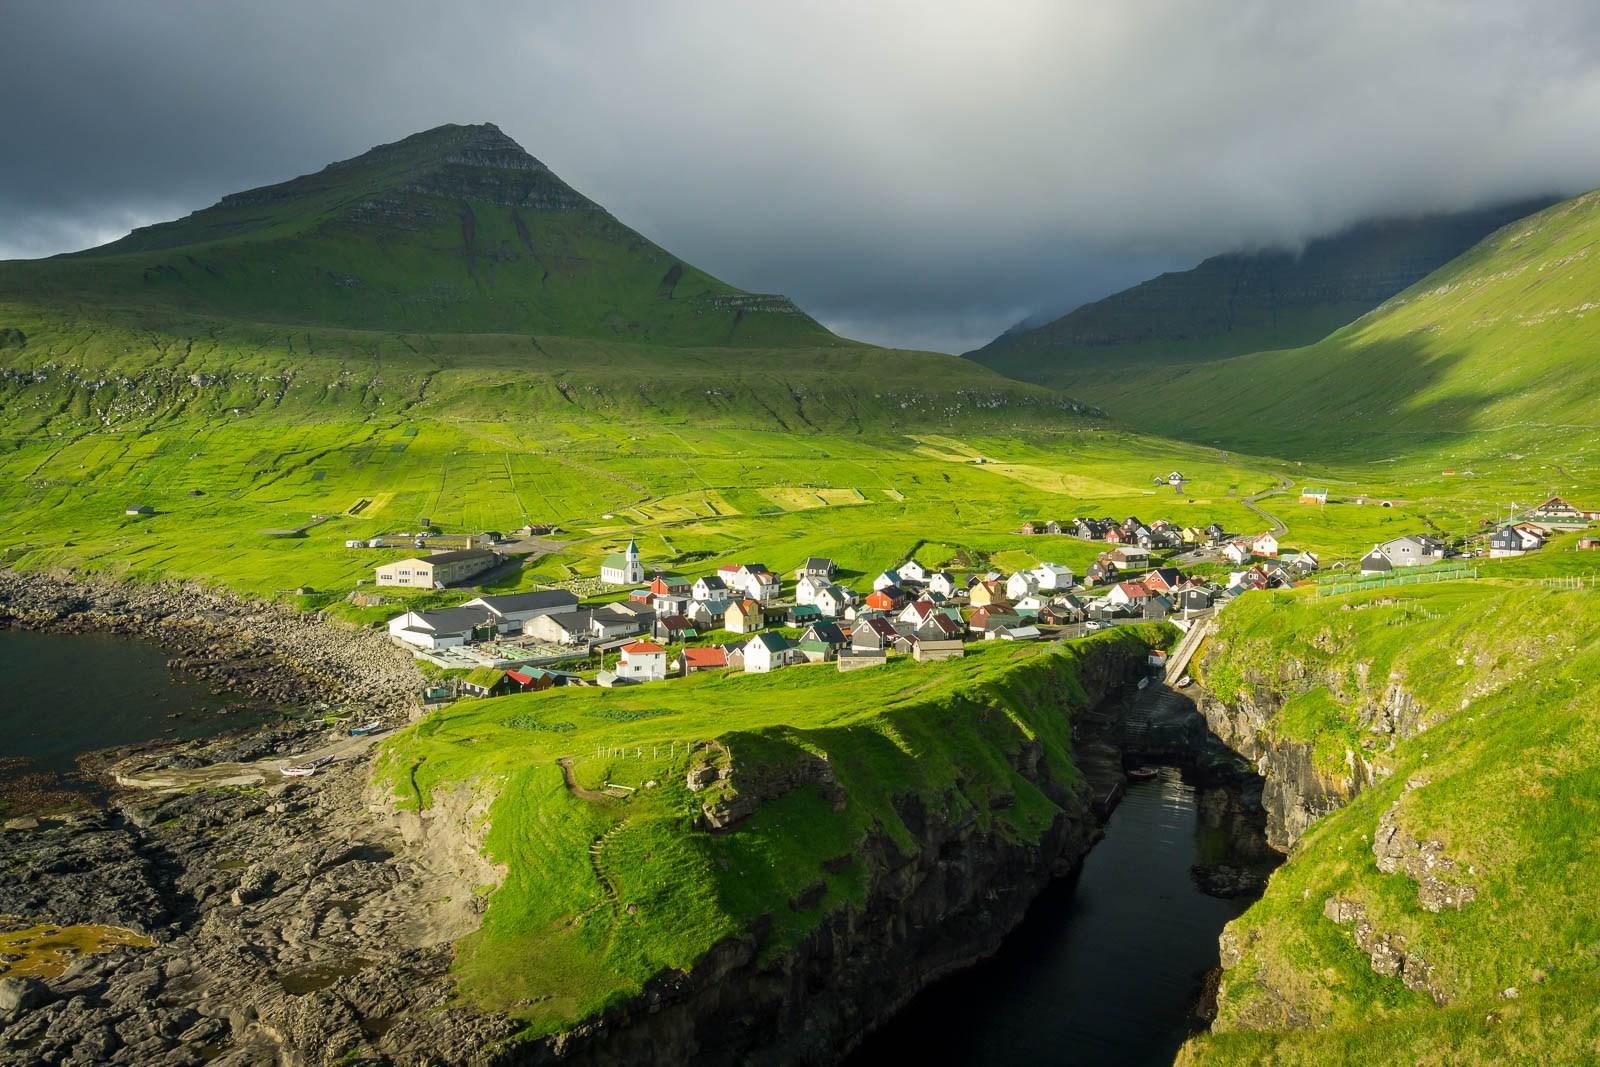 The village of Gjógv on Eysturoy in the Faroe Islands, bathed in morning light. Photo taken on July 26, 2016.